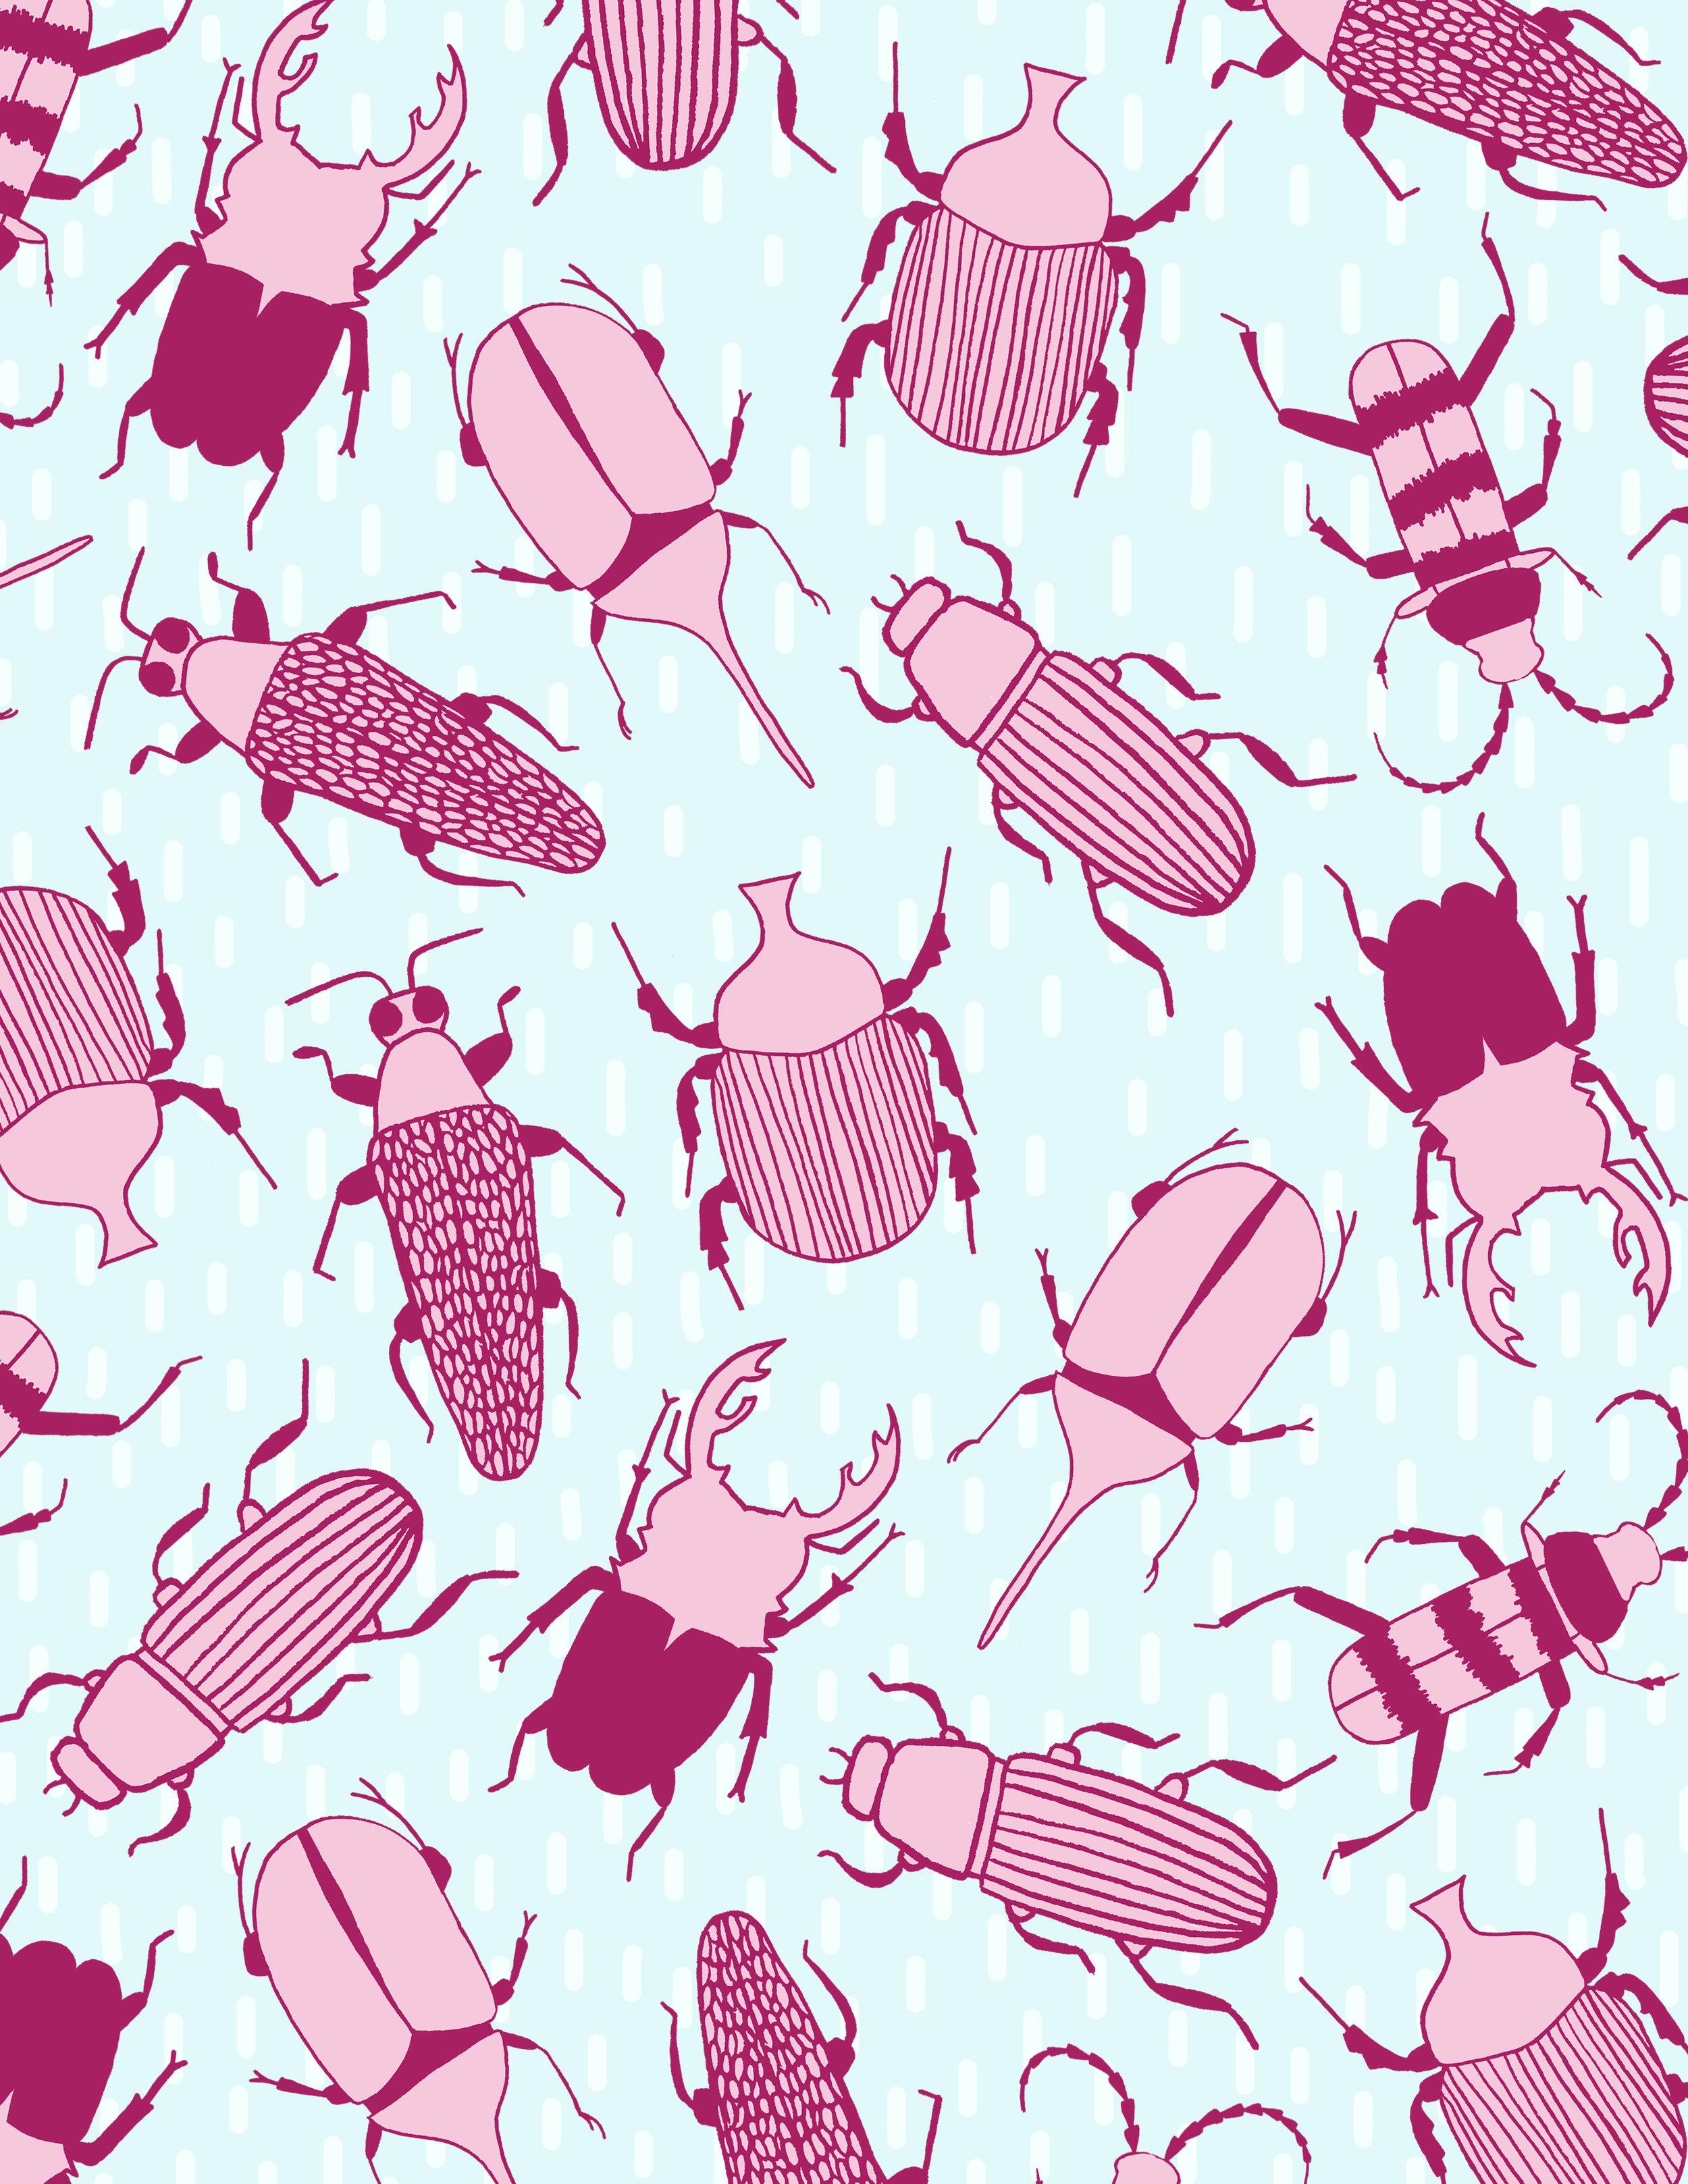 Beetles Pattern.jpg